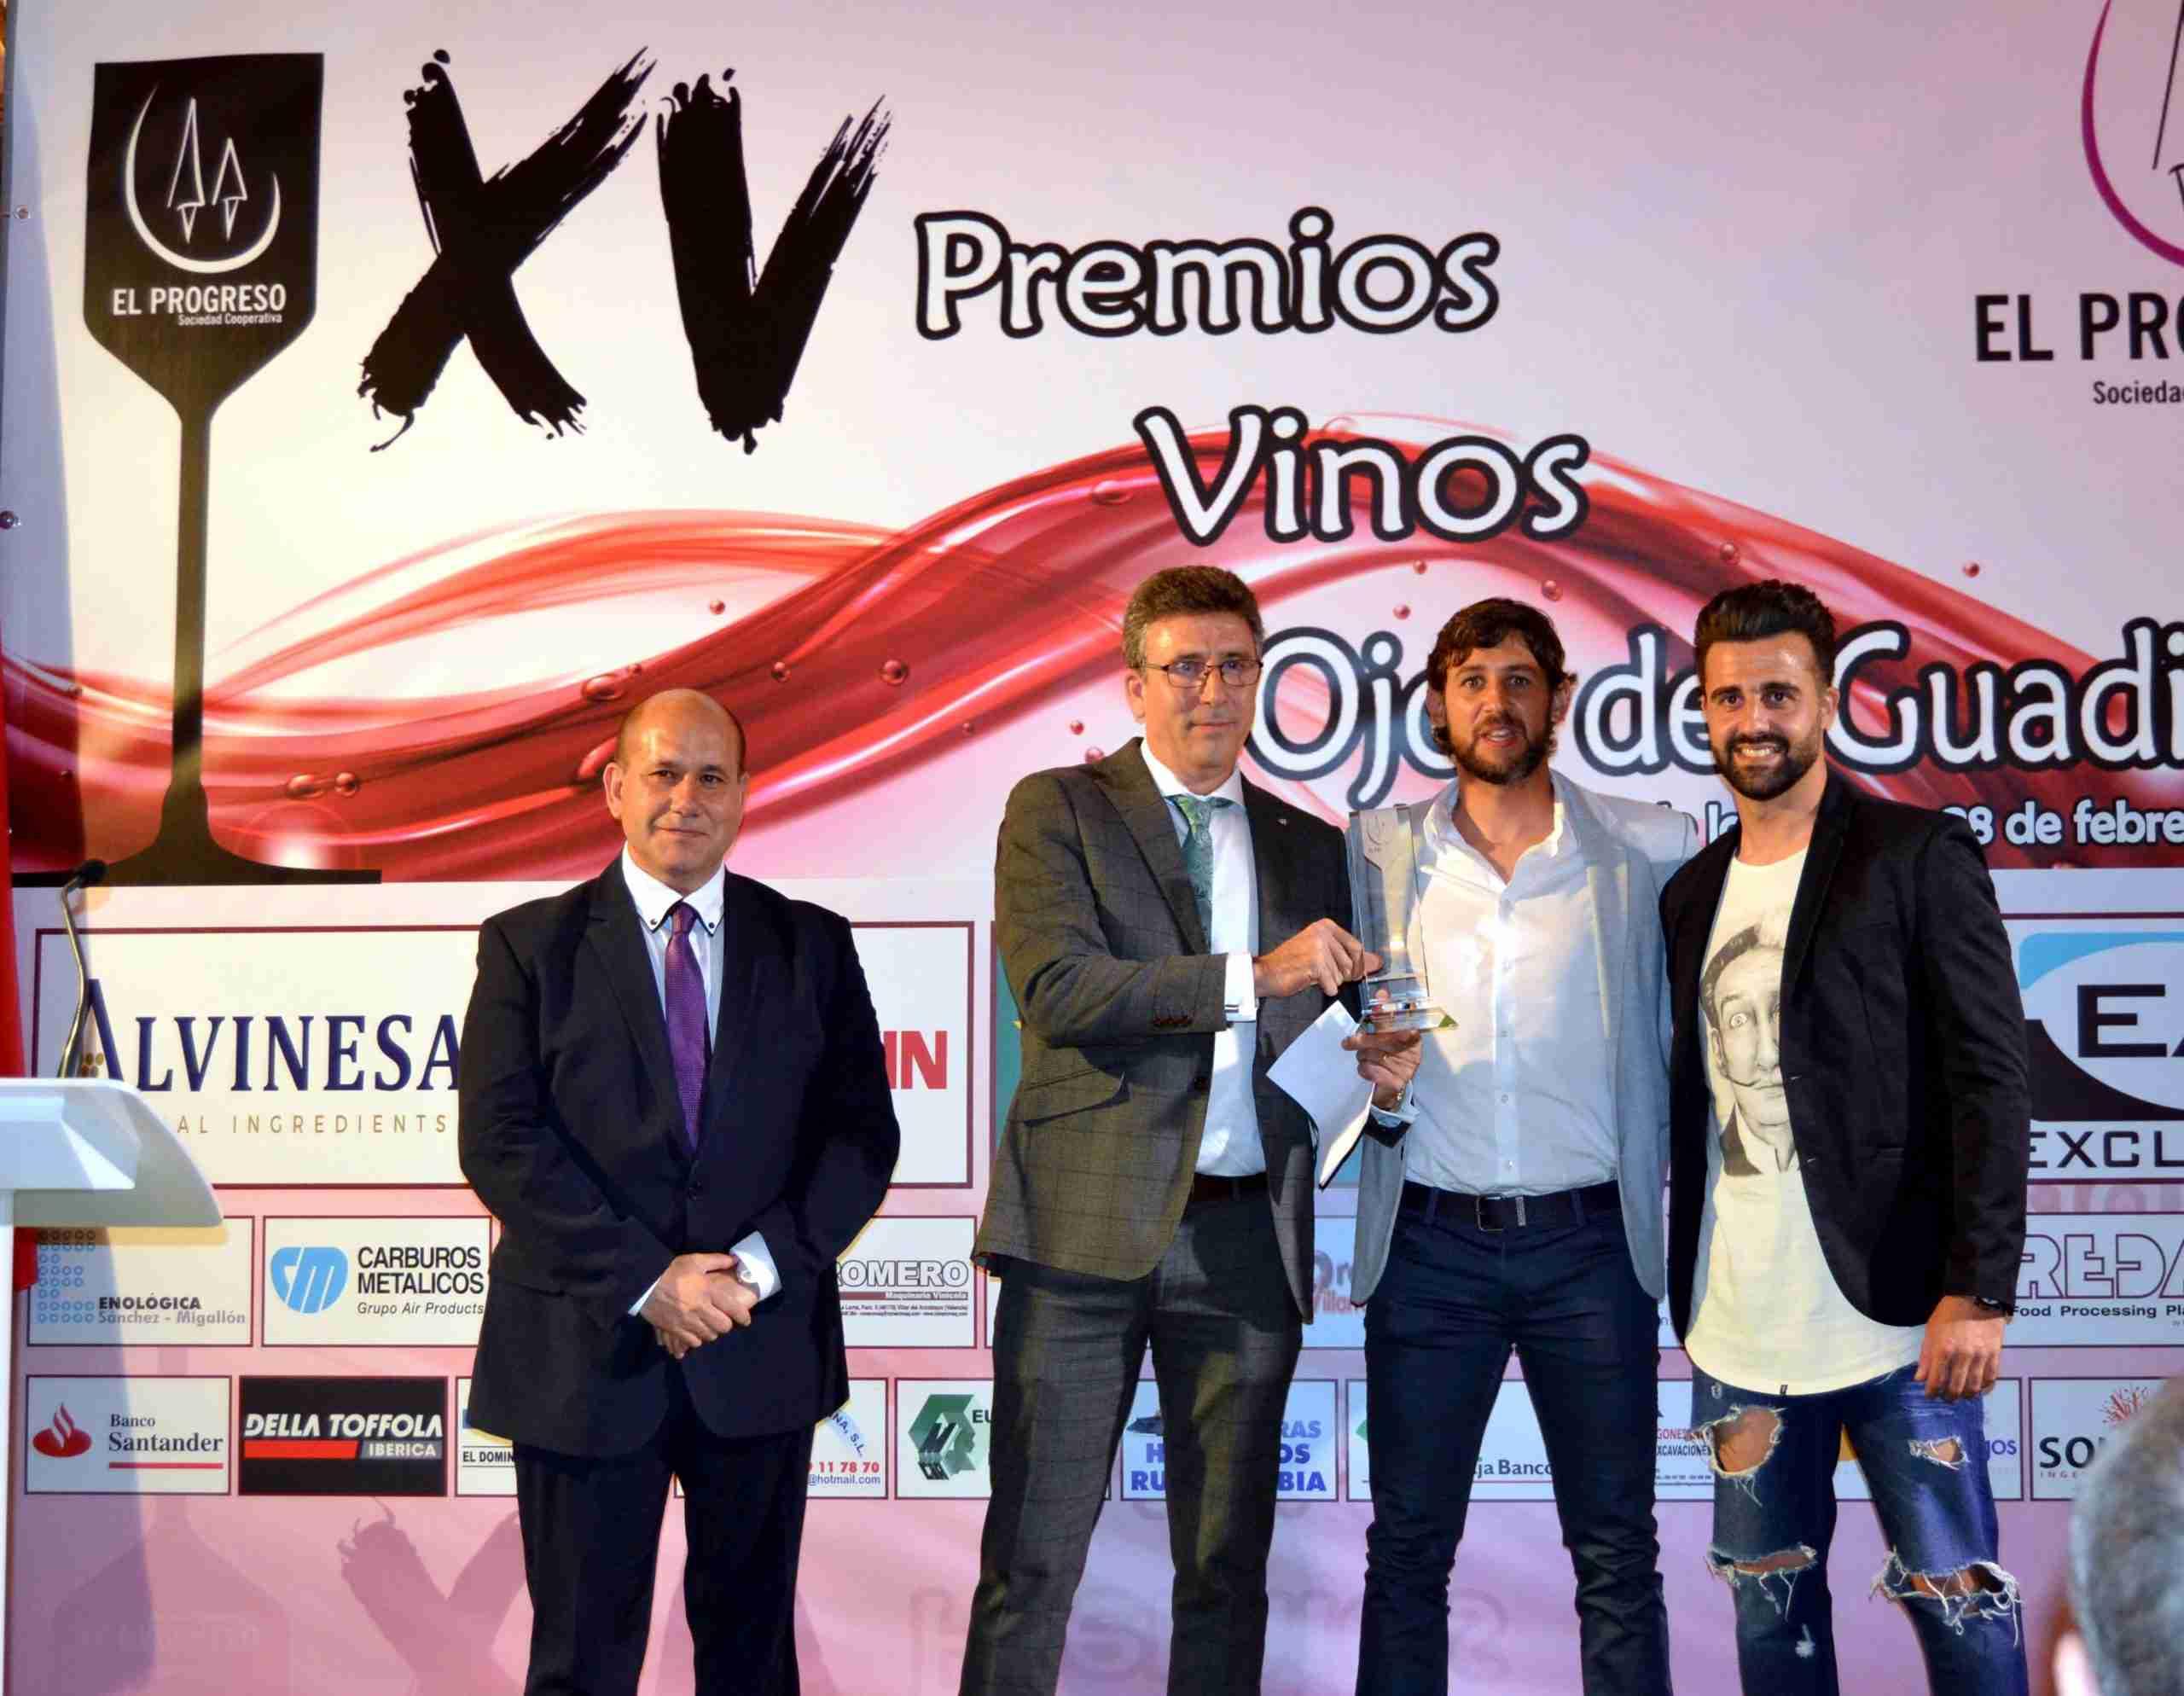 """Éxito de los 15 Premios """"Vinos Ojos del Guadiana"""" de El Progreso con la solidaridad, la cultura y el cooperativismo como protagonistas 24"""